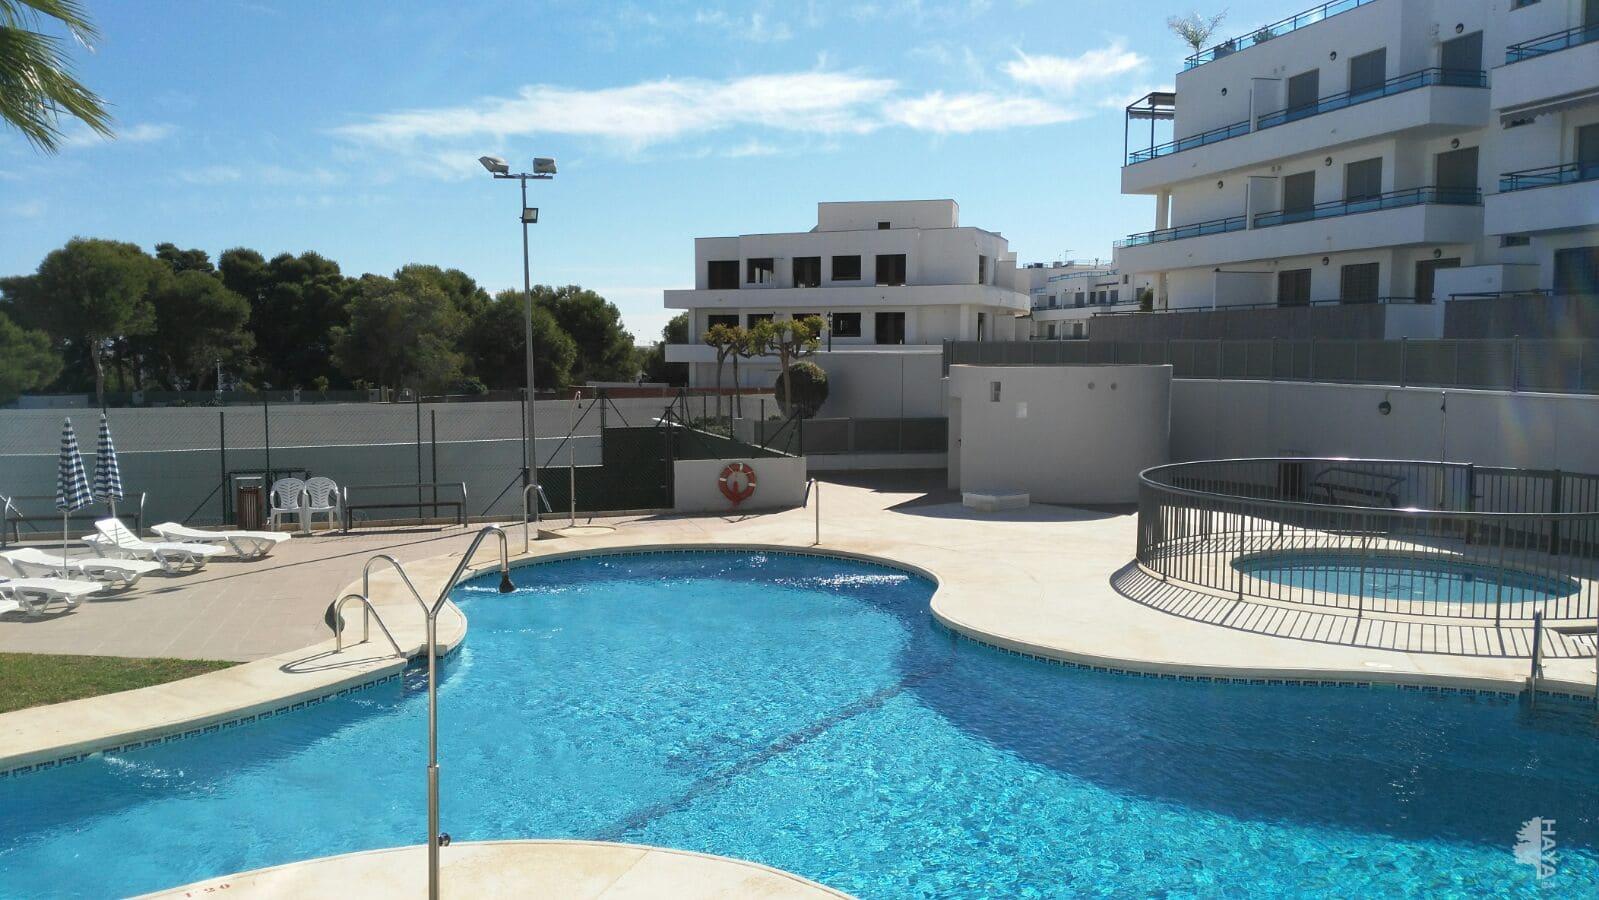 Piso en venta en Garrucha, Almería, Calle Murillo (pinar de Garrucha), B, 103.500 €, 2 habitaciones, 2 baños, 69 m2